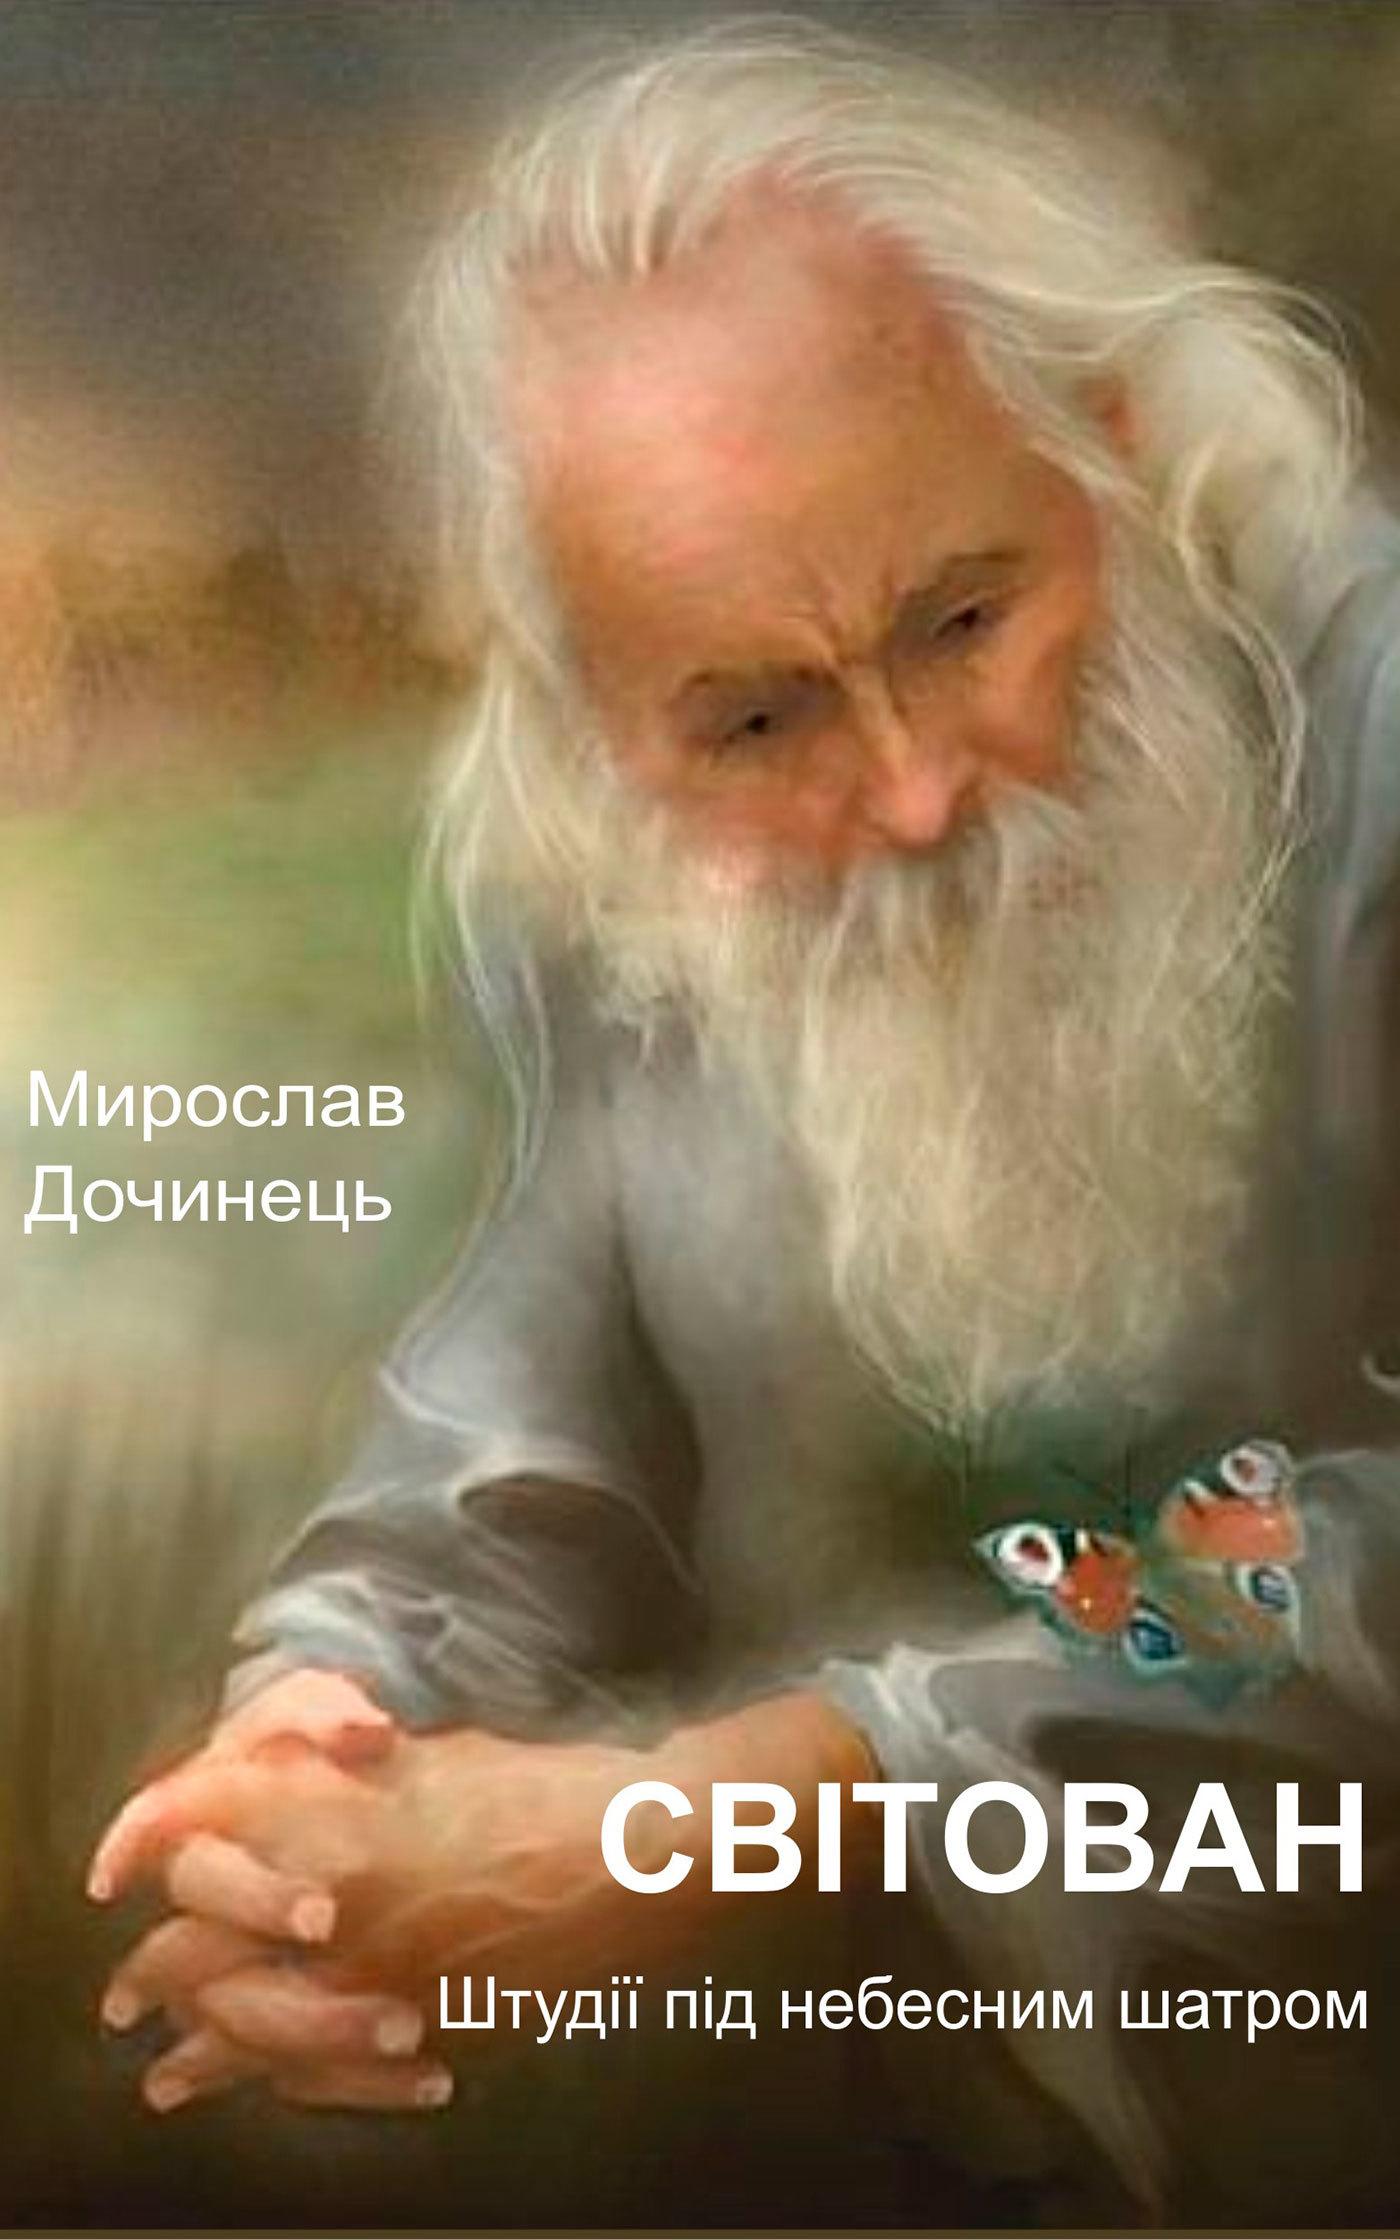 Мирослав Дочинець Світован мирослав дочинець світован